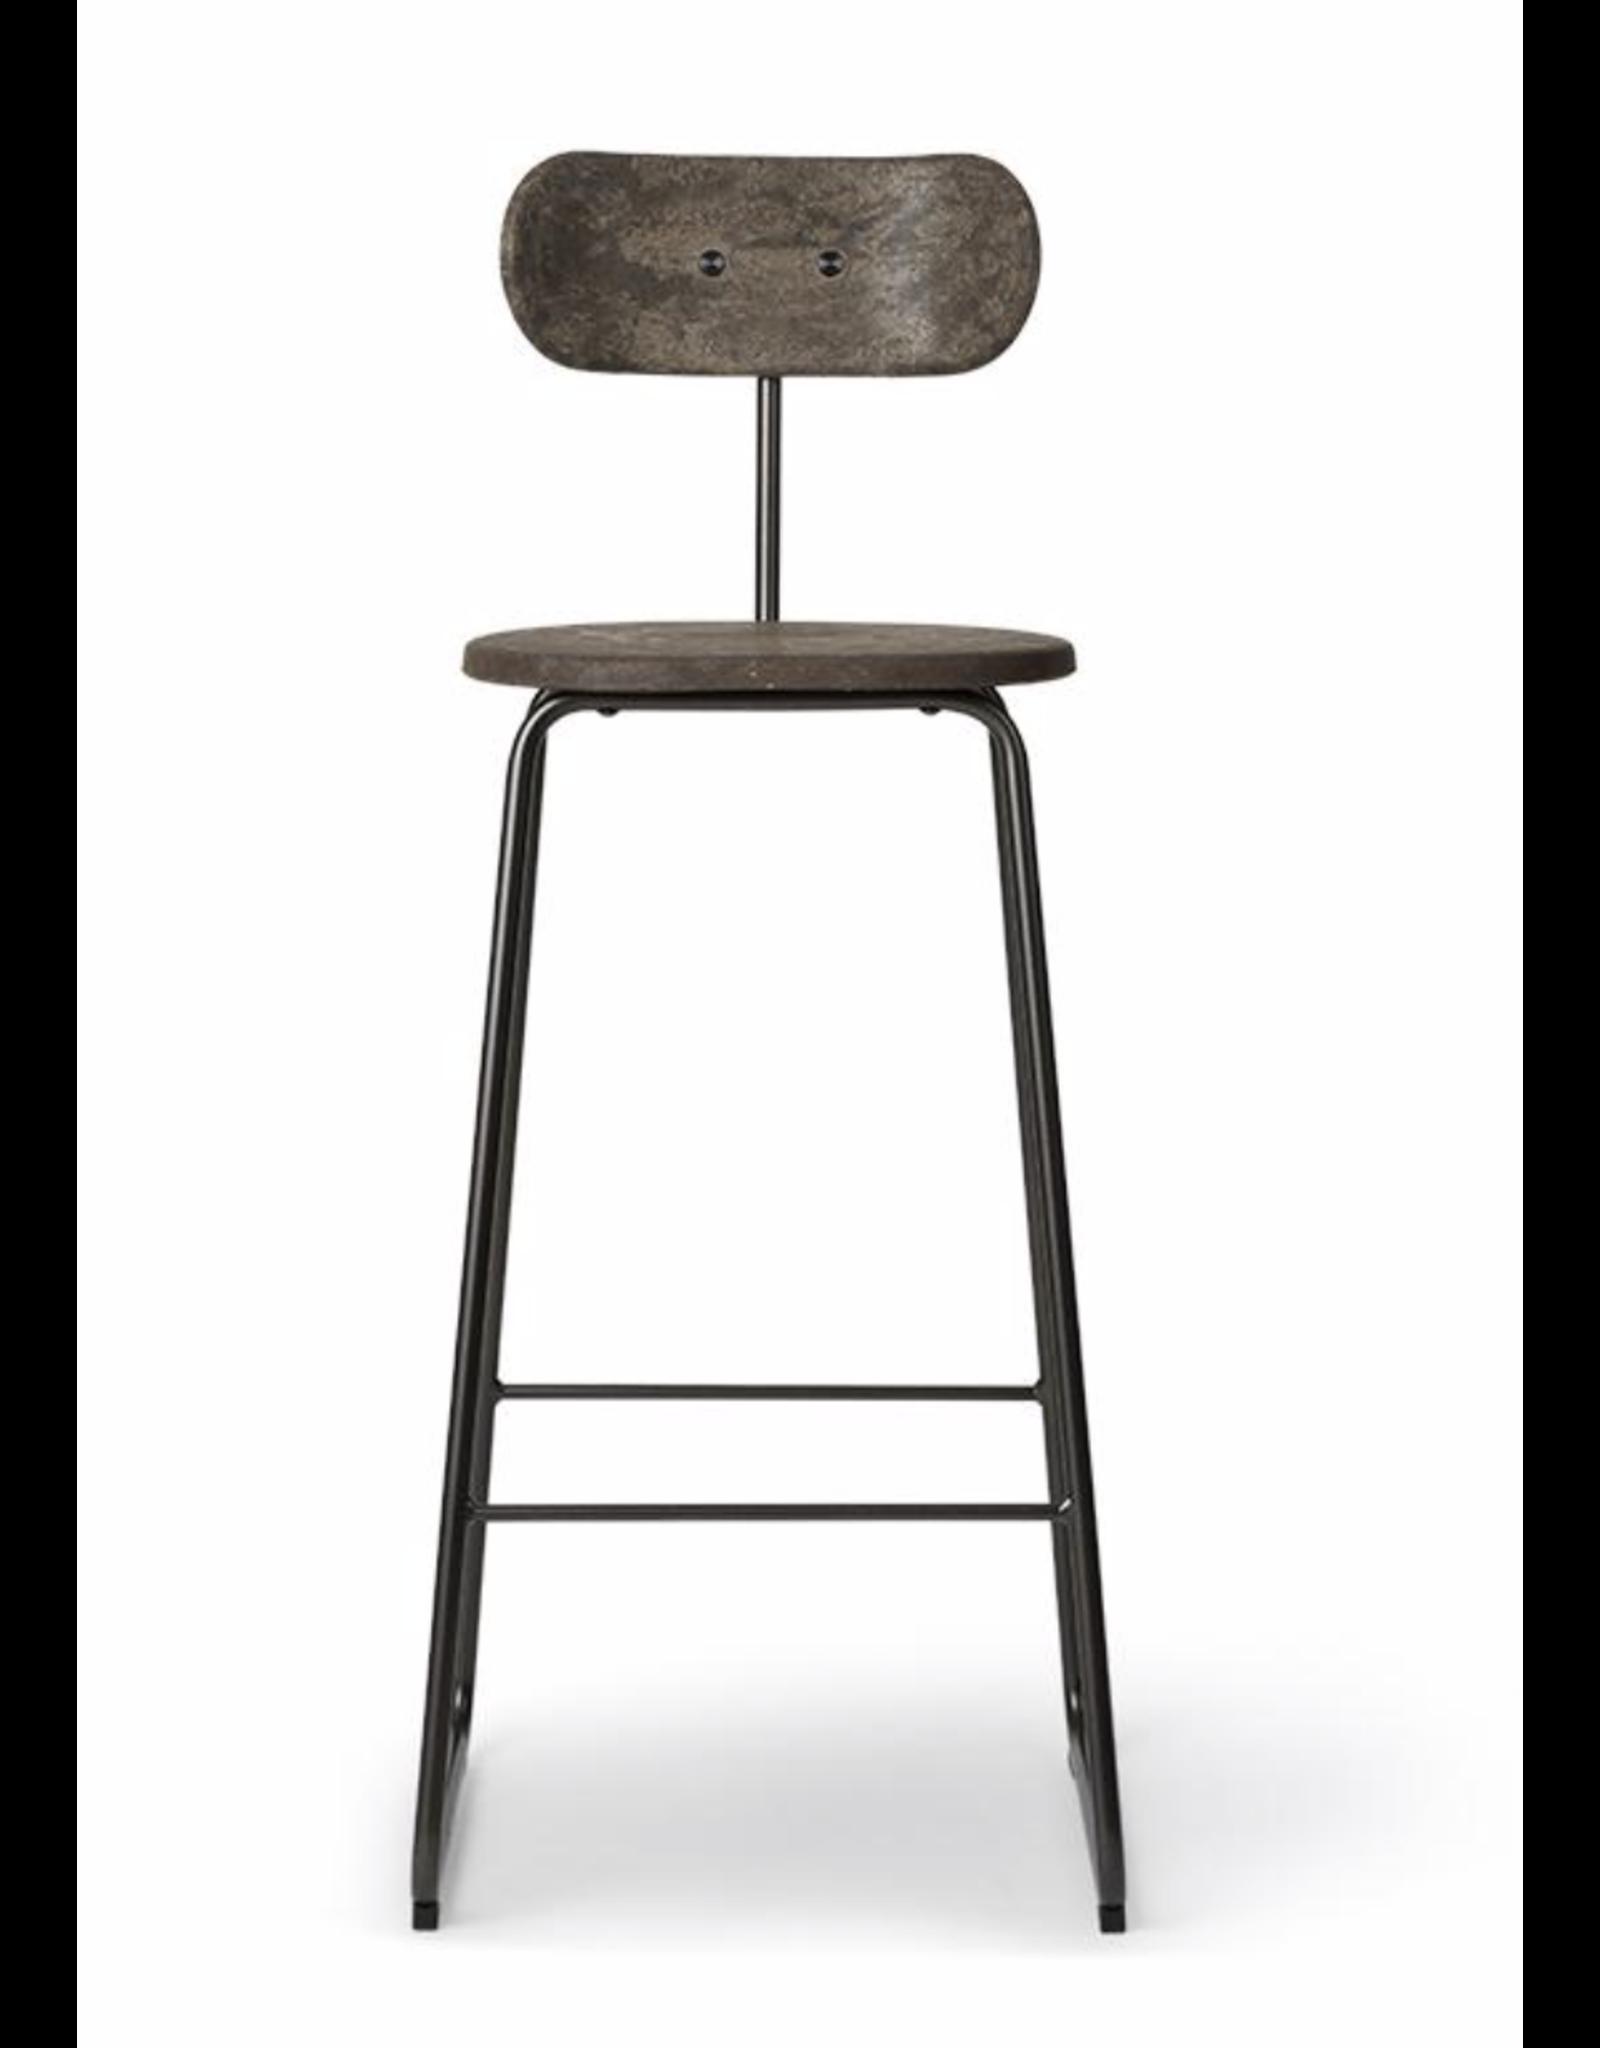 EARTH 靠背吧檯椅 - MASK 版本